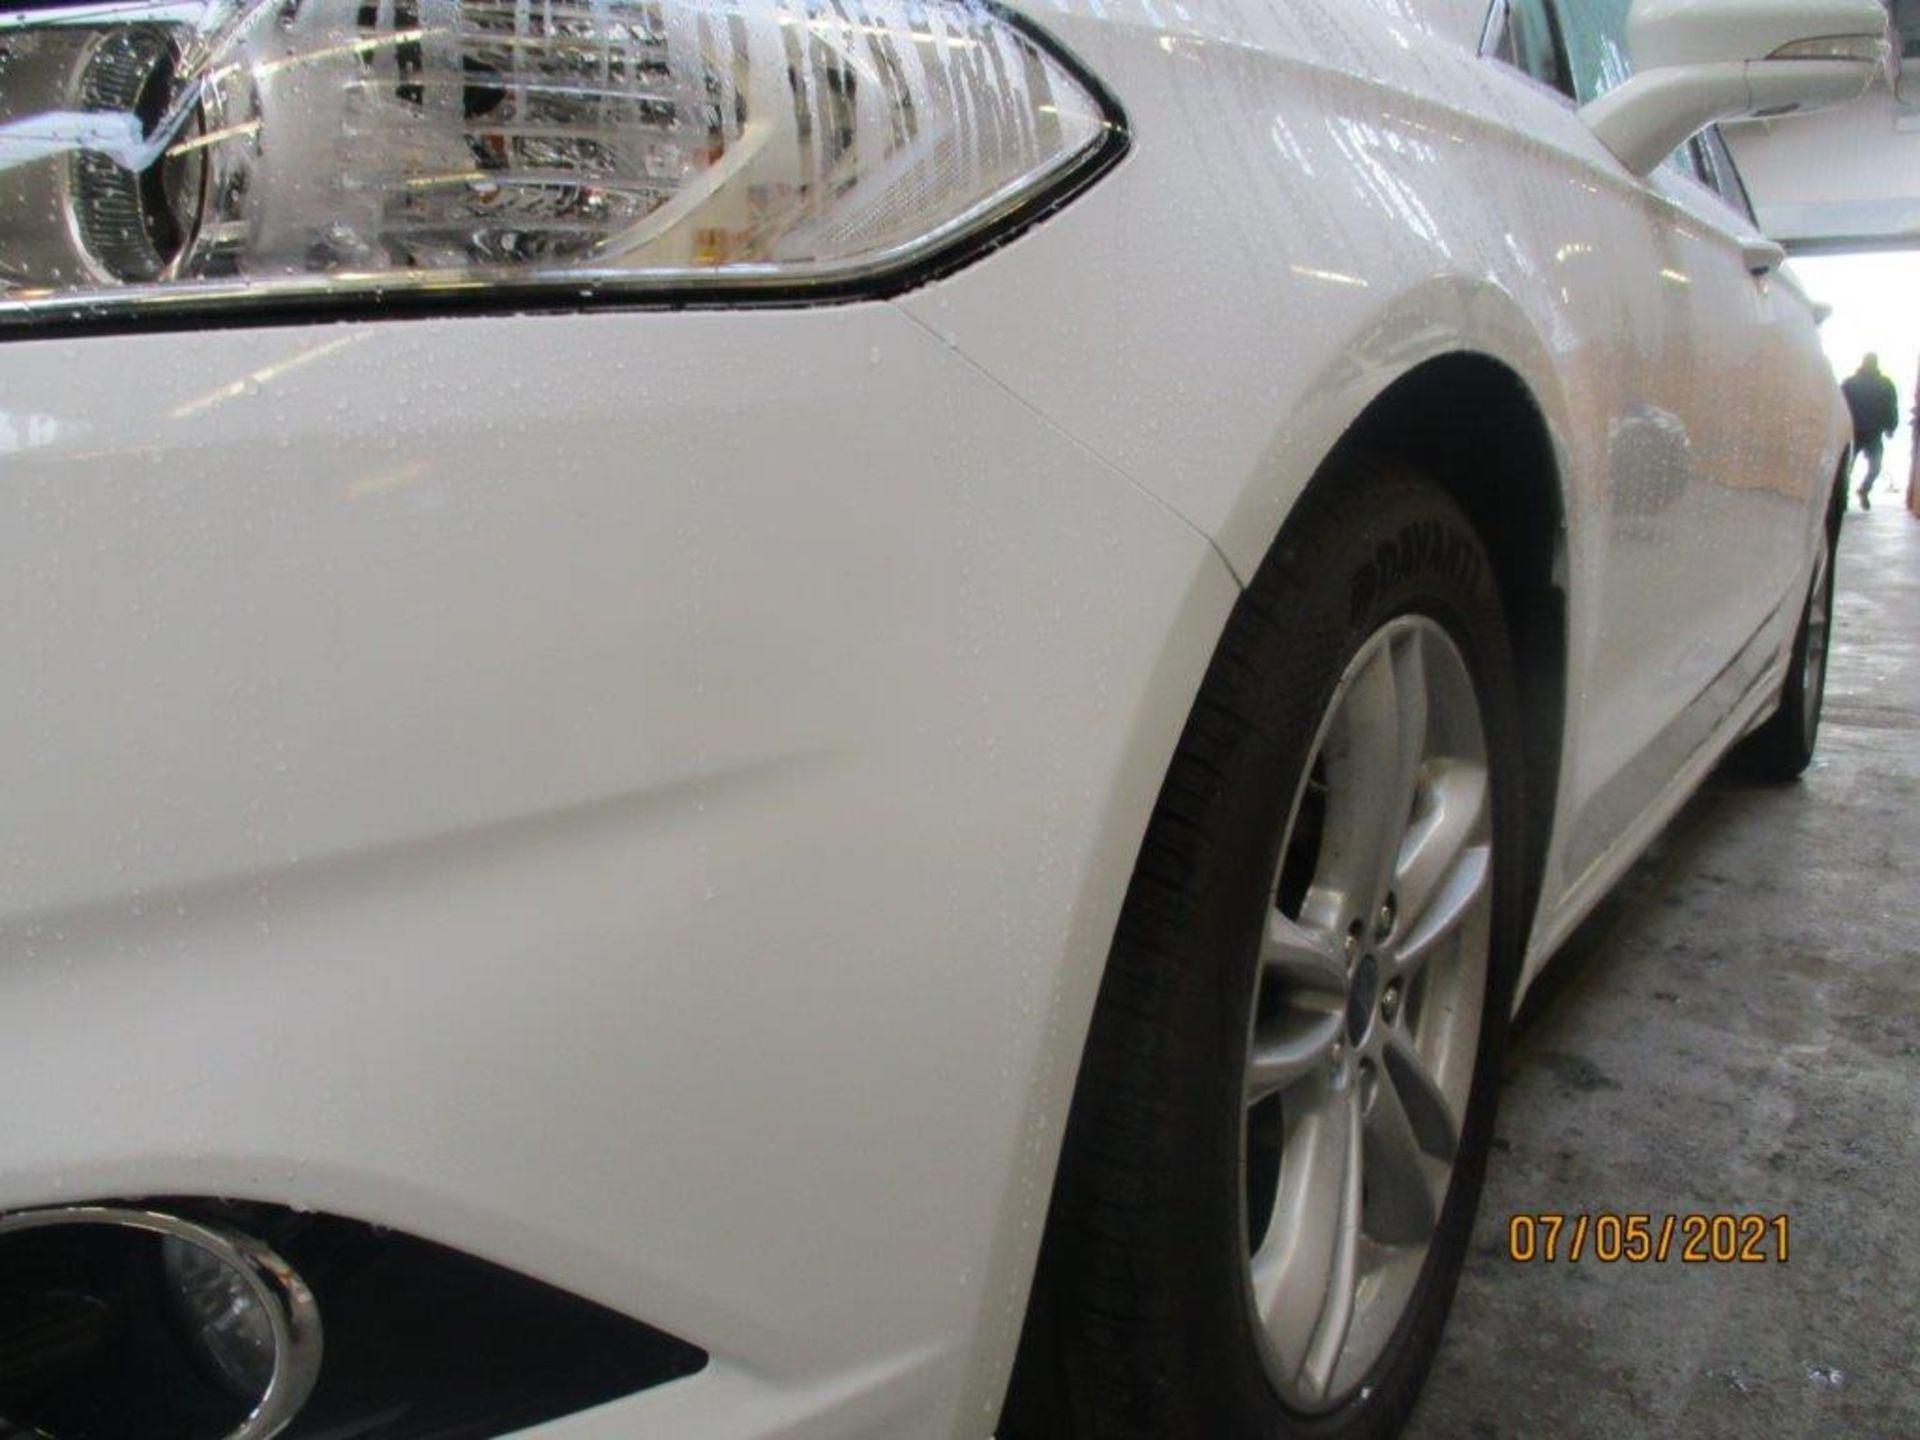 15 15 Ford Mondeo Titanium TDCI - Image 10 of 22